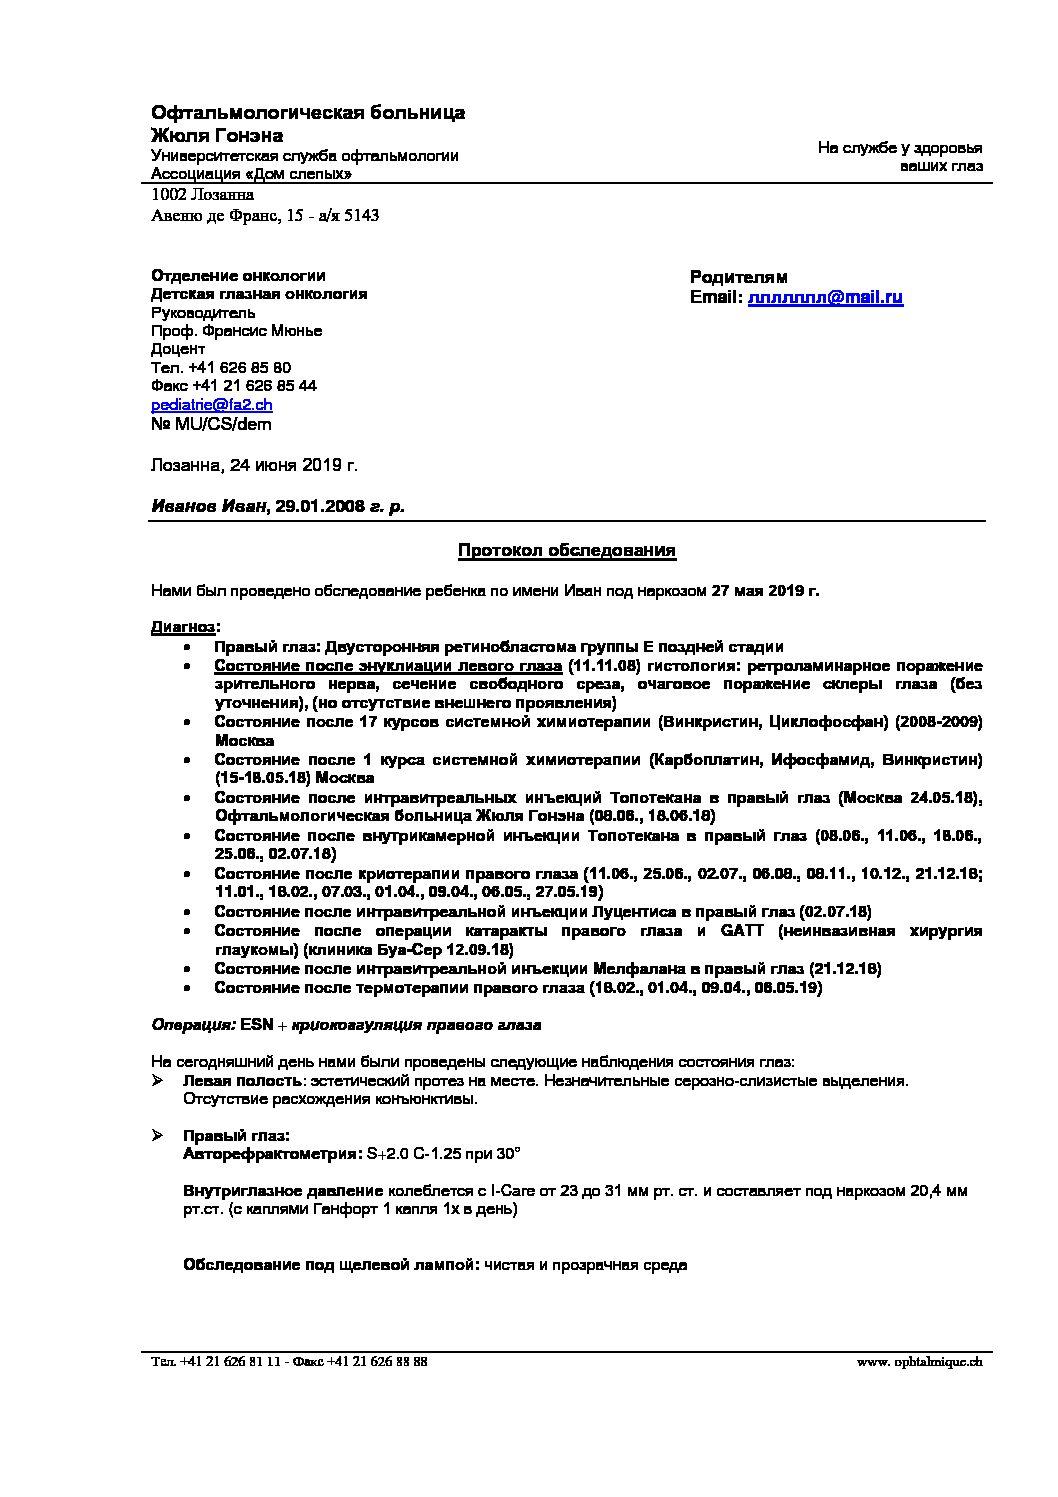 Пример перевода протокола исследования с французского